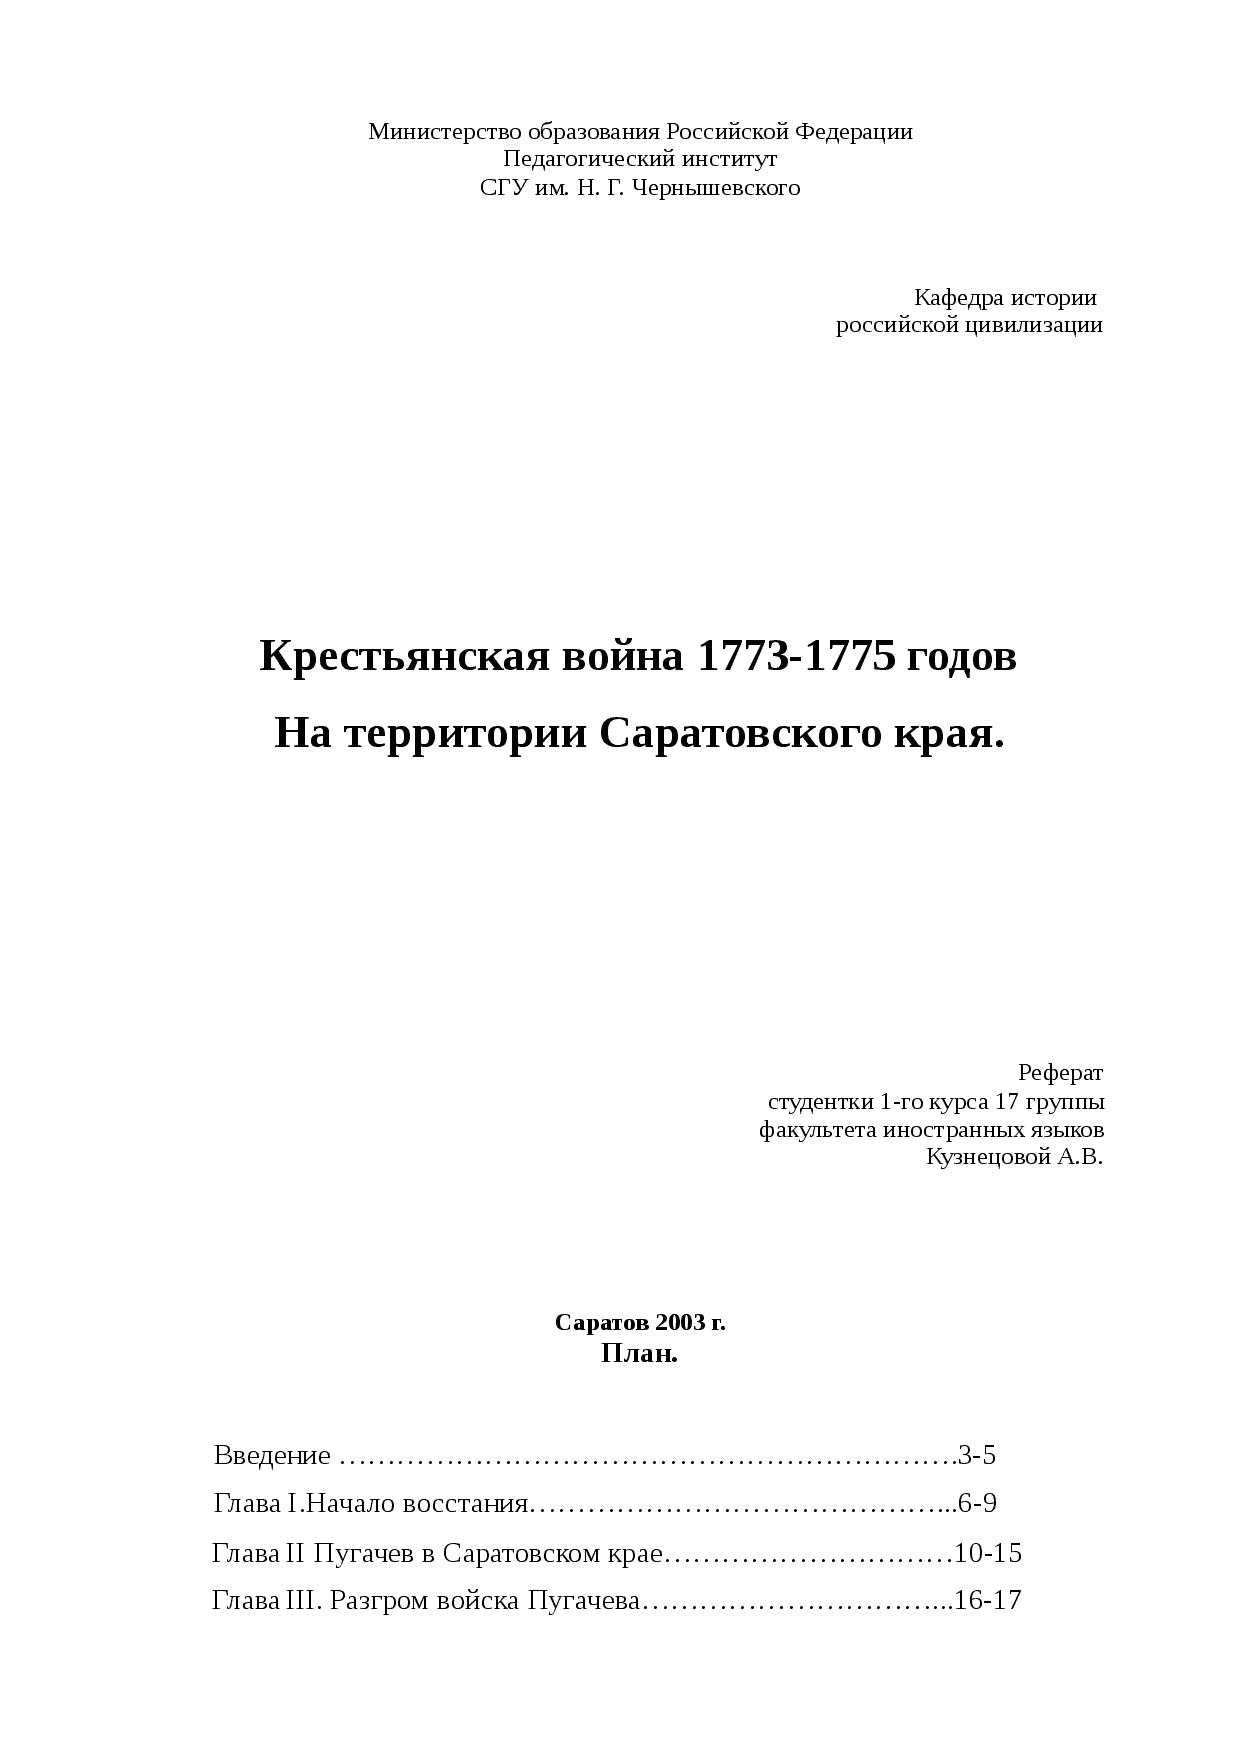 последствия восстания пугачева